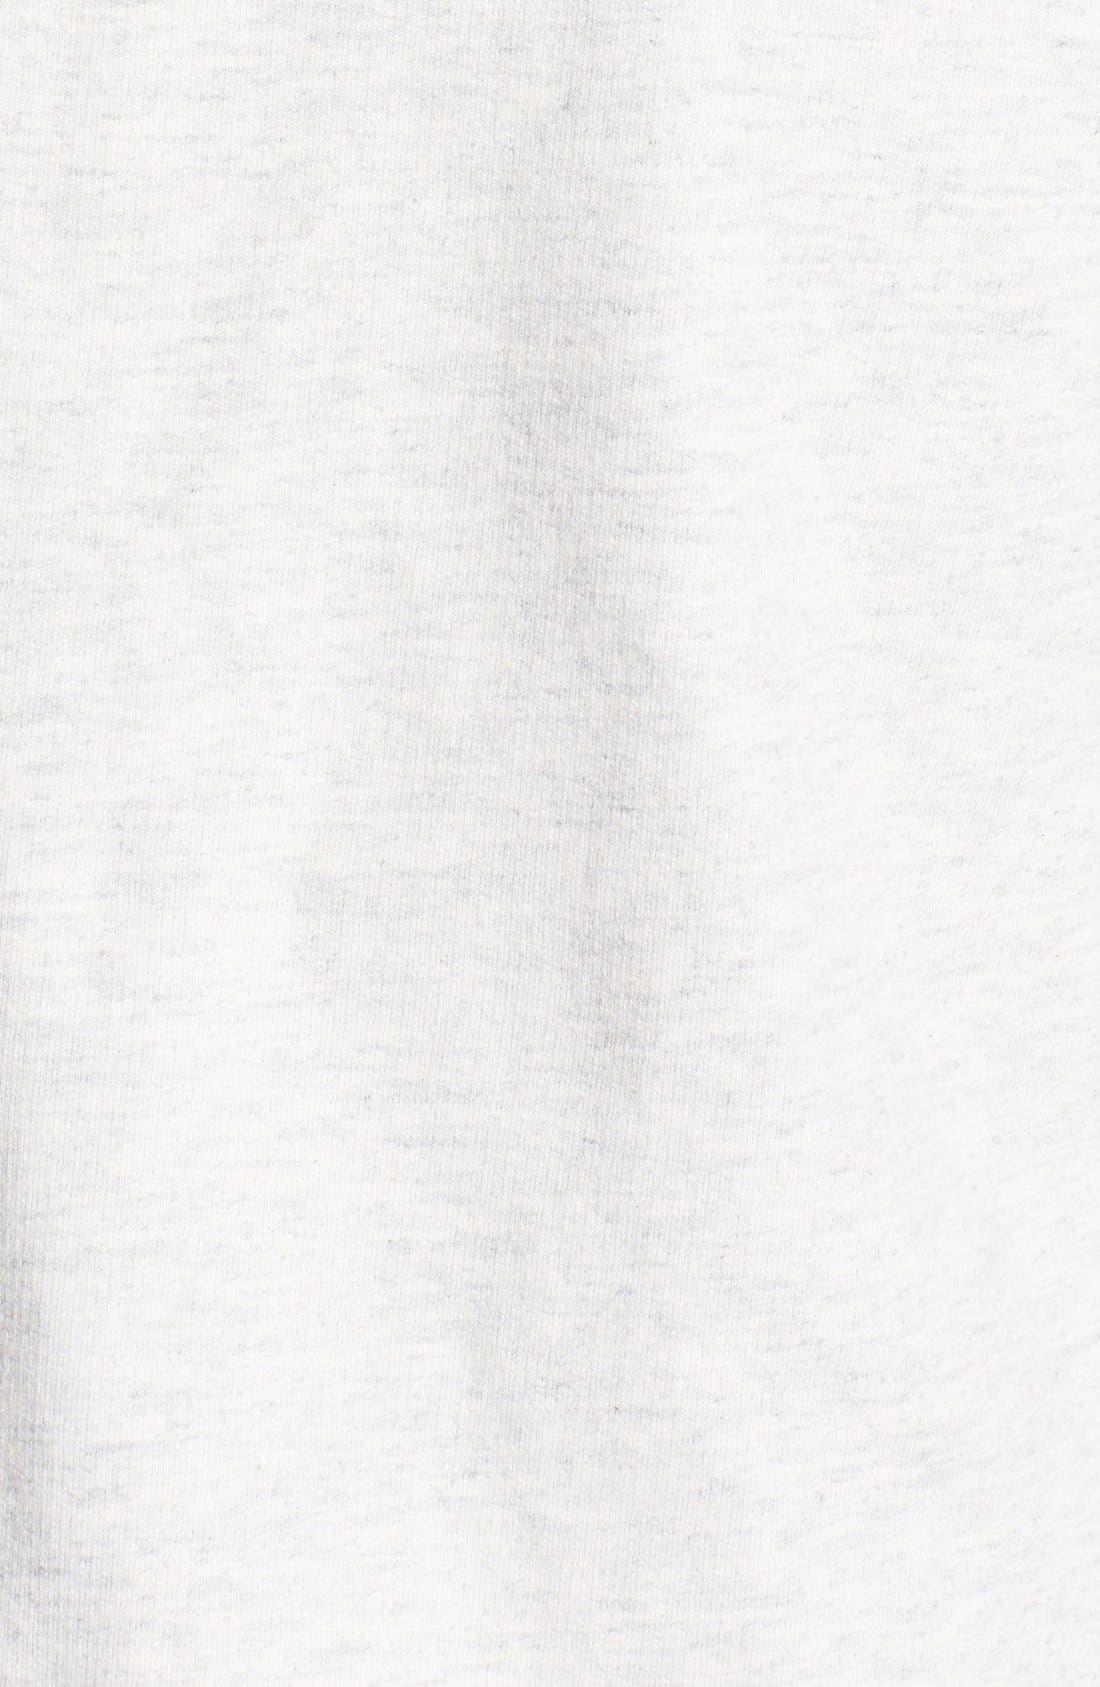 Chino Shorts,                             Main thumbnail 1, color,                             030